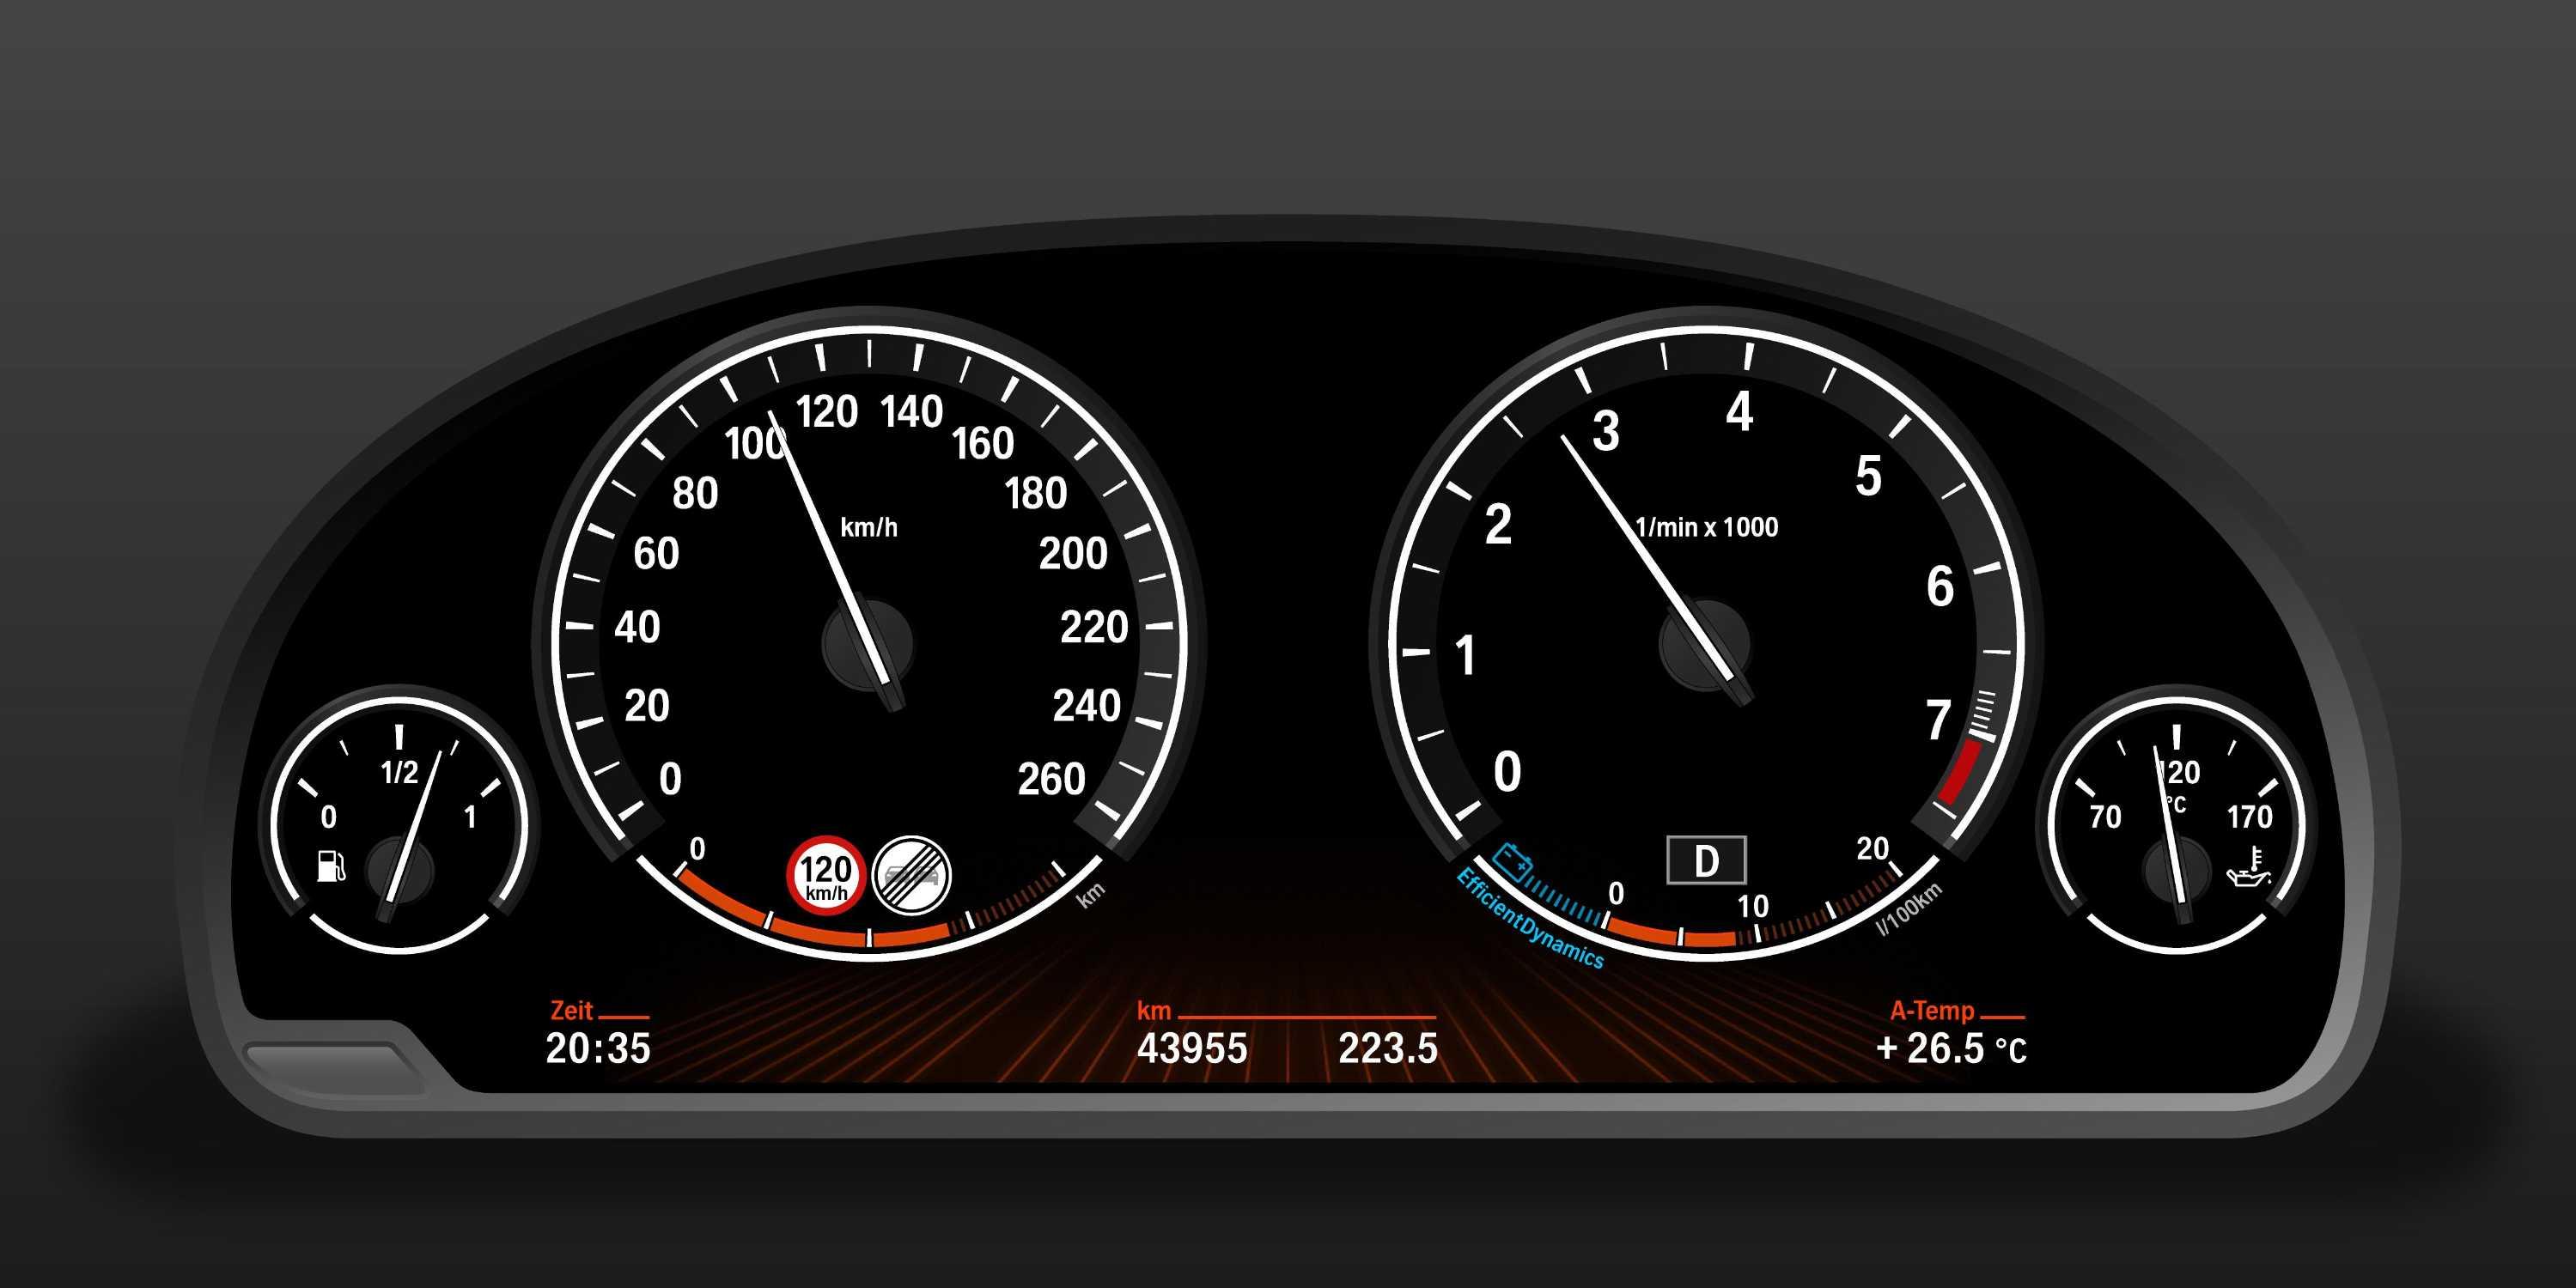 BMW 5 Series: Speed limit